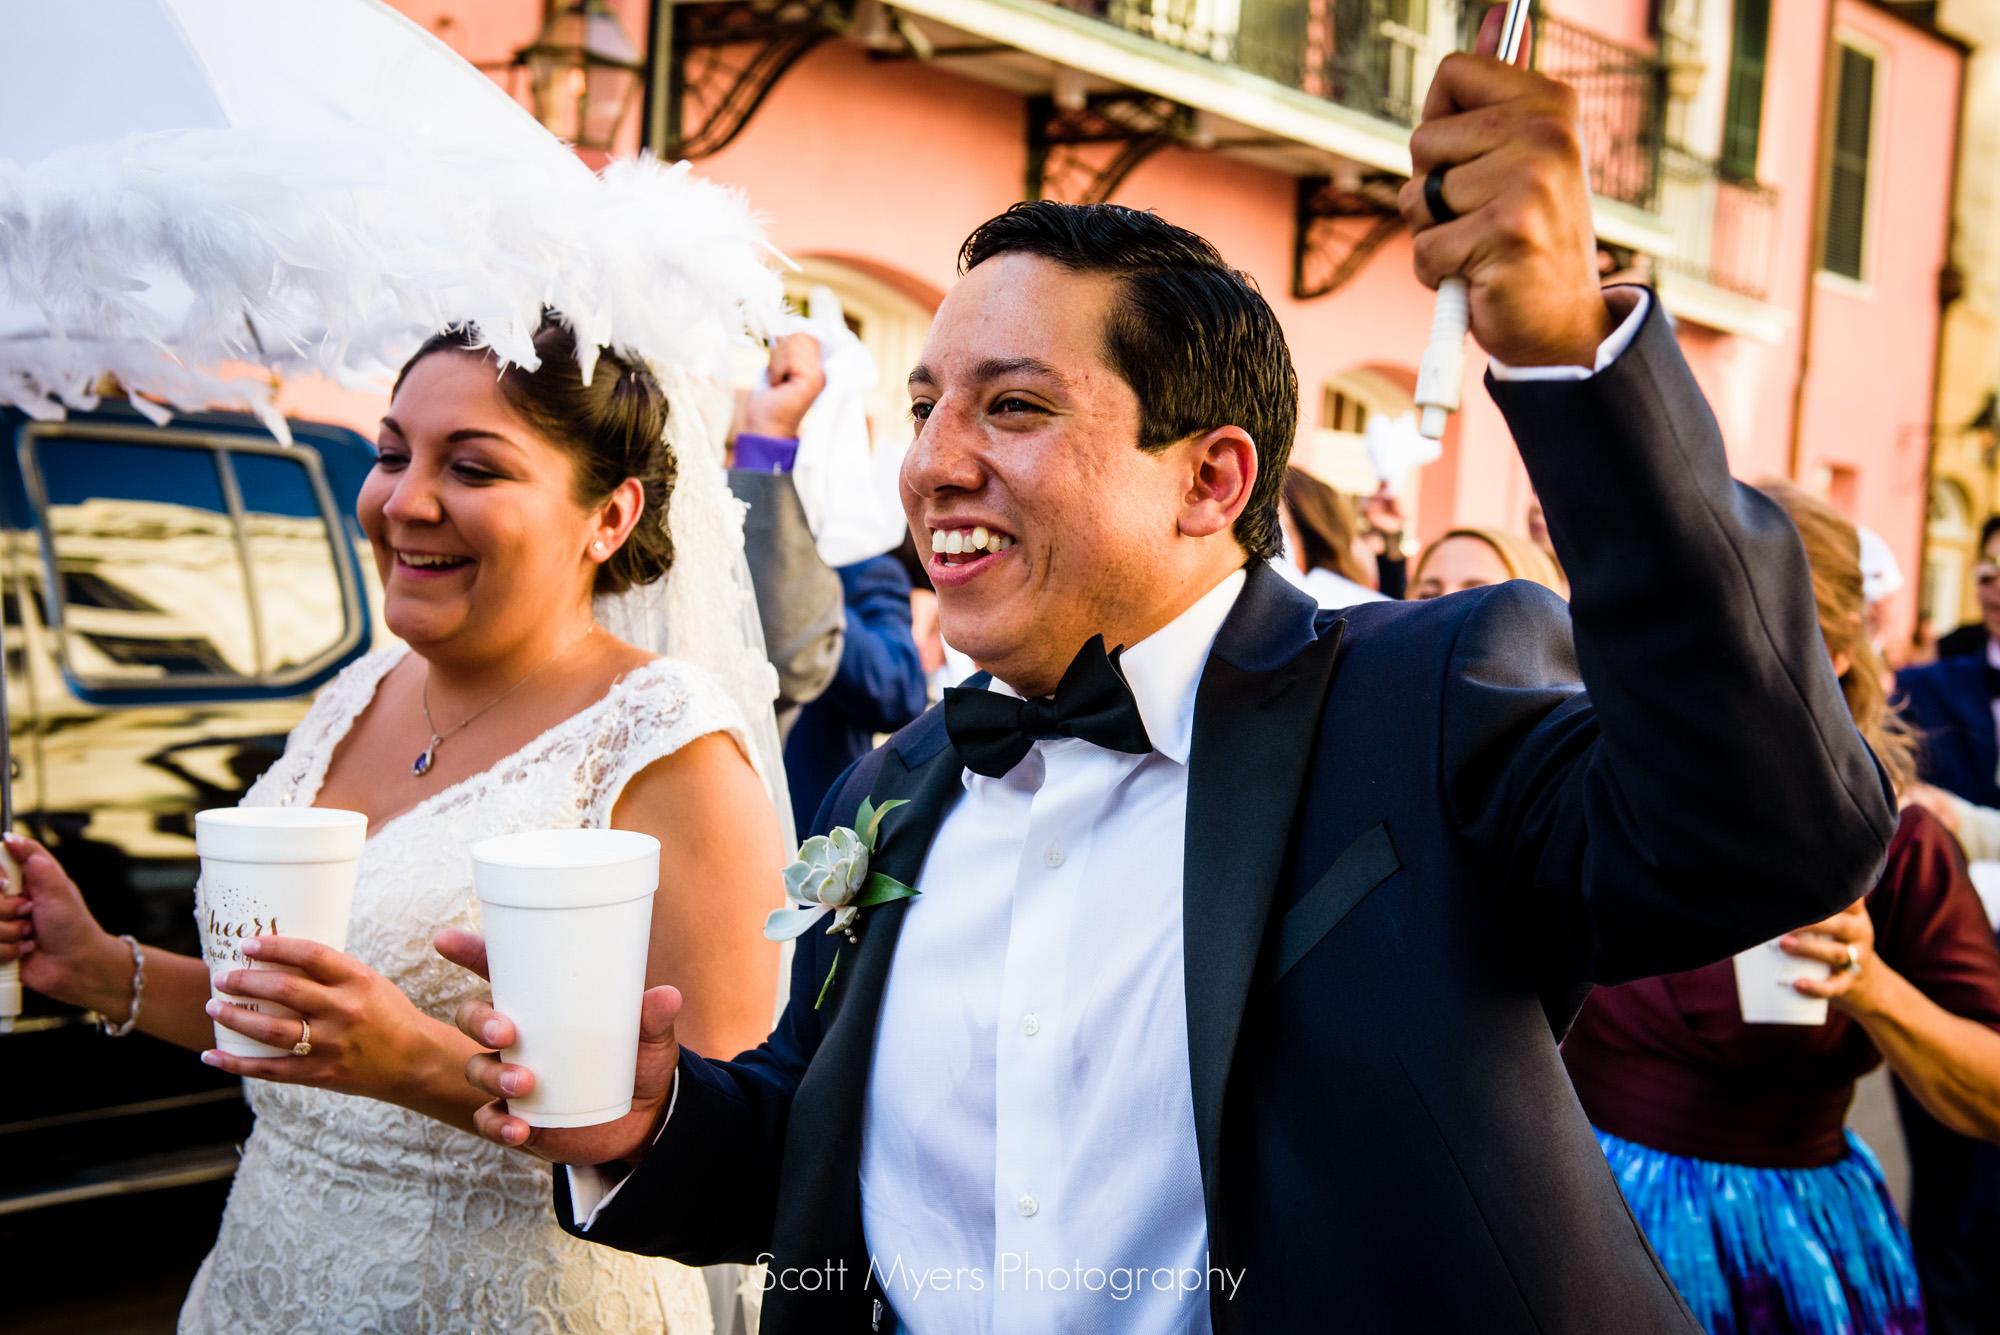 Scott_Myers_Wedding_New_Orleans_041.jpg